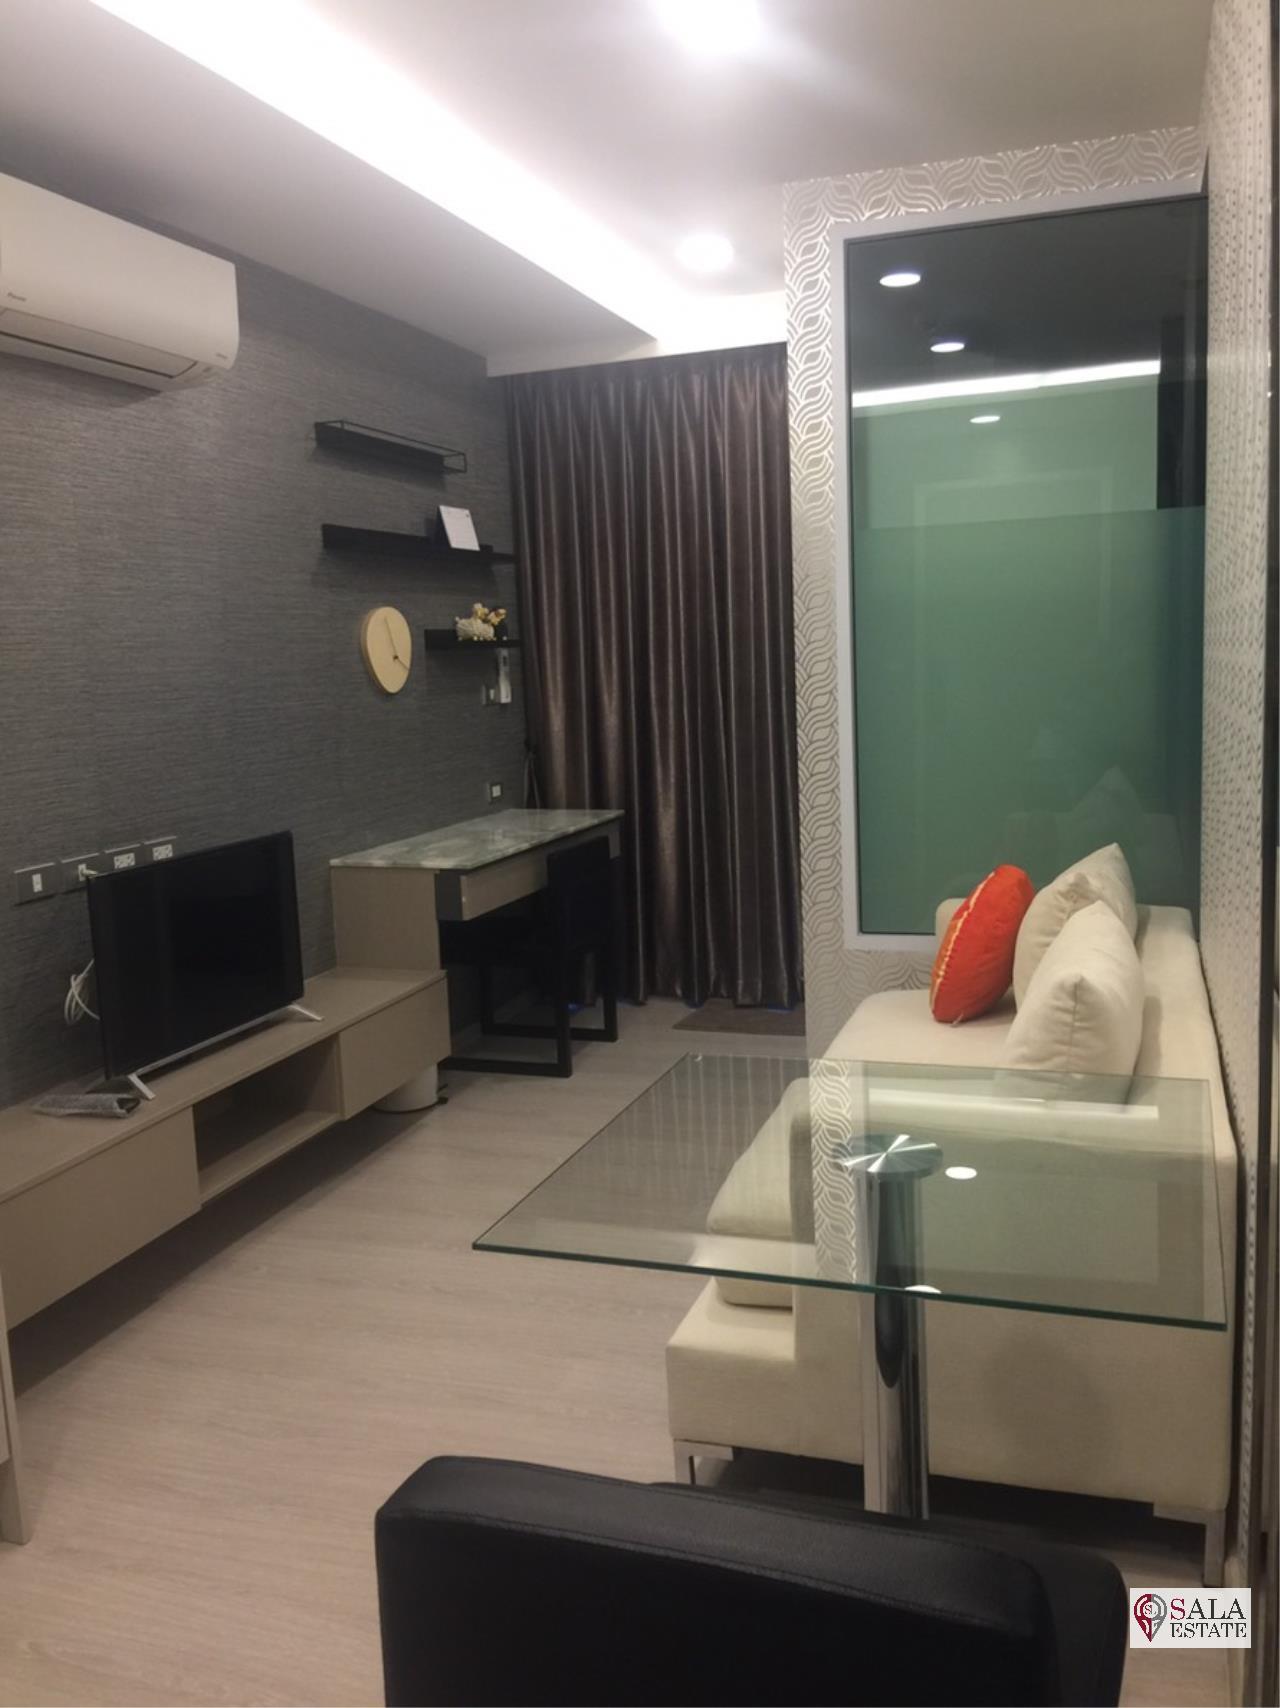 SALA ESTATE Agency's ( FOR RENT ) VTARA SUKHUMVIT 36 - BTS THONG LO , 1 BEDROOM 1 BATHROOM, FULLY FURNISHED 5